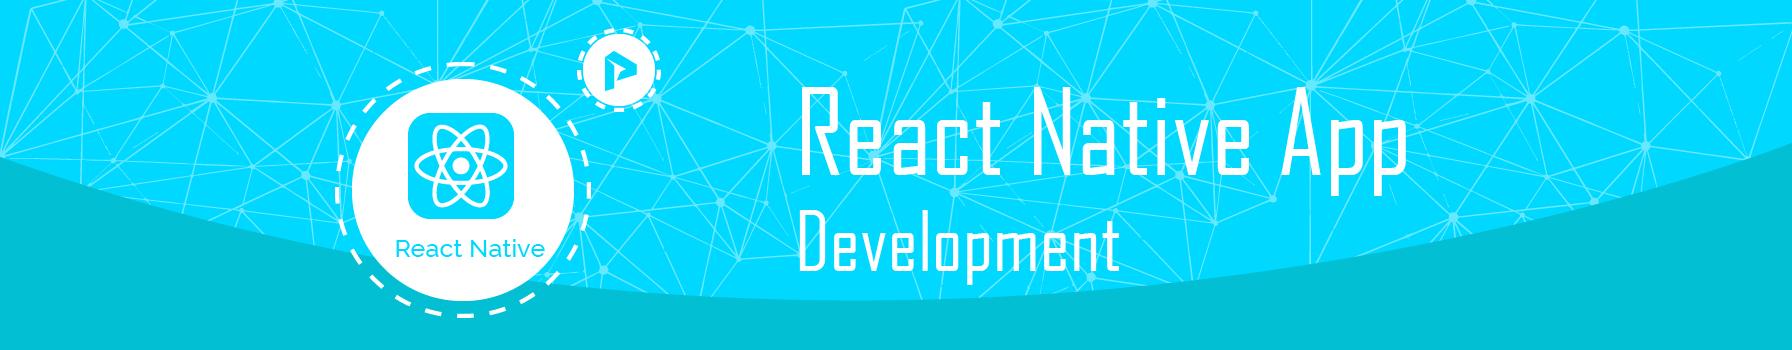 PRAXINFO-react-native-development.jpg